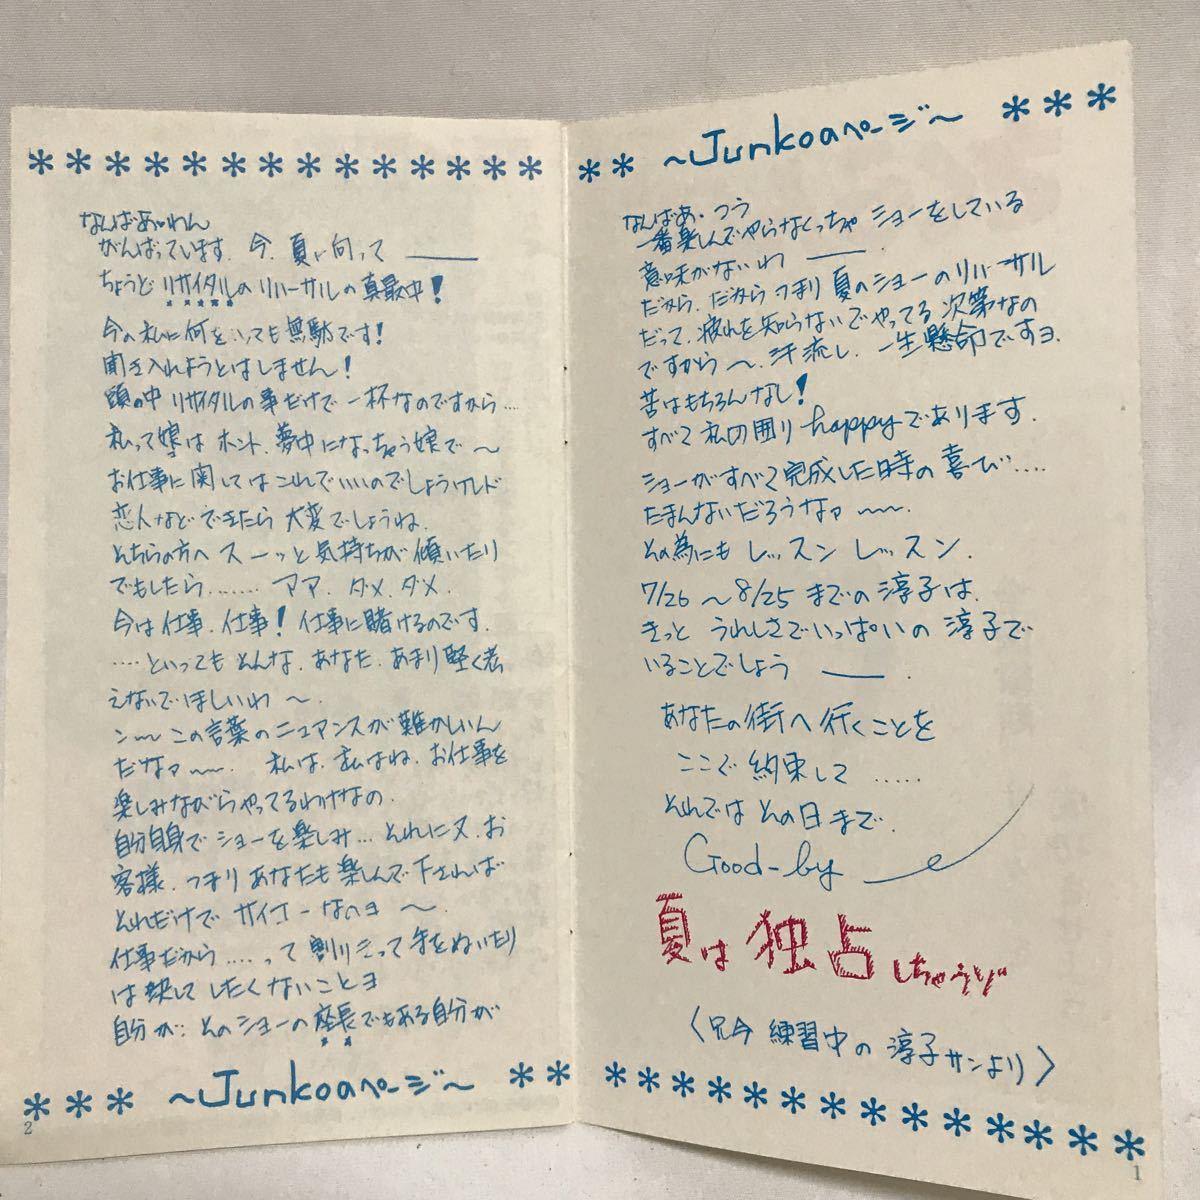 桜田淳子ファンクラブ会報誌/さくらんぼNo.19★昭和51年(1976年)発行 _画像2